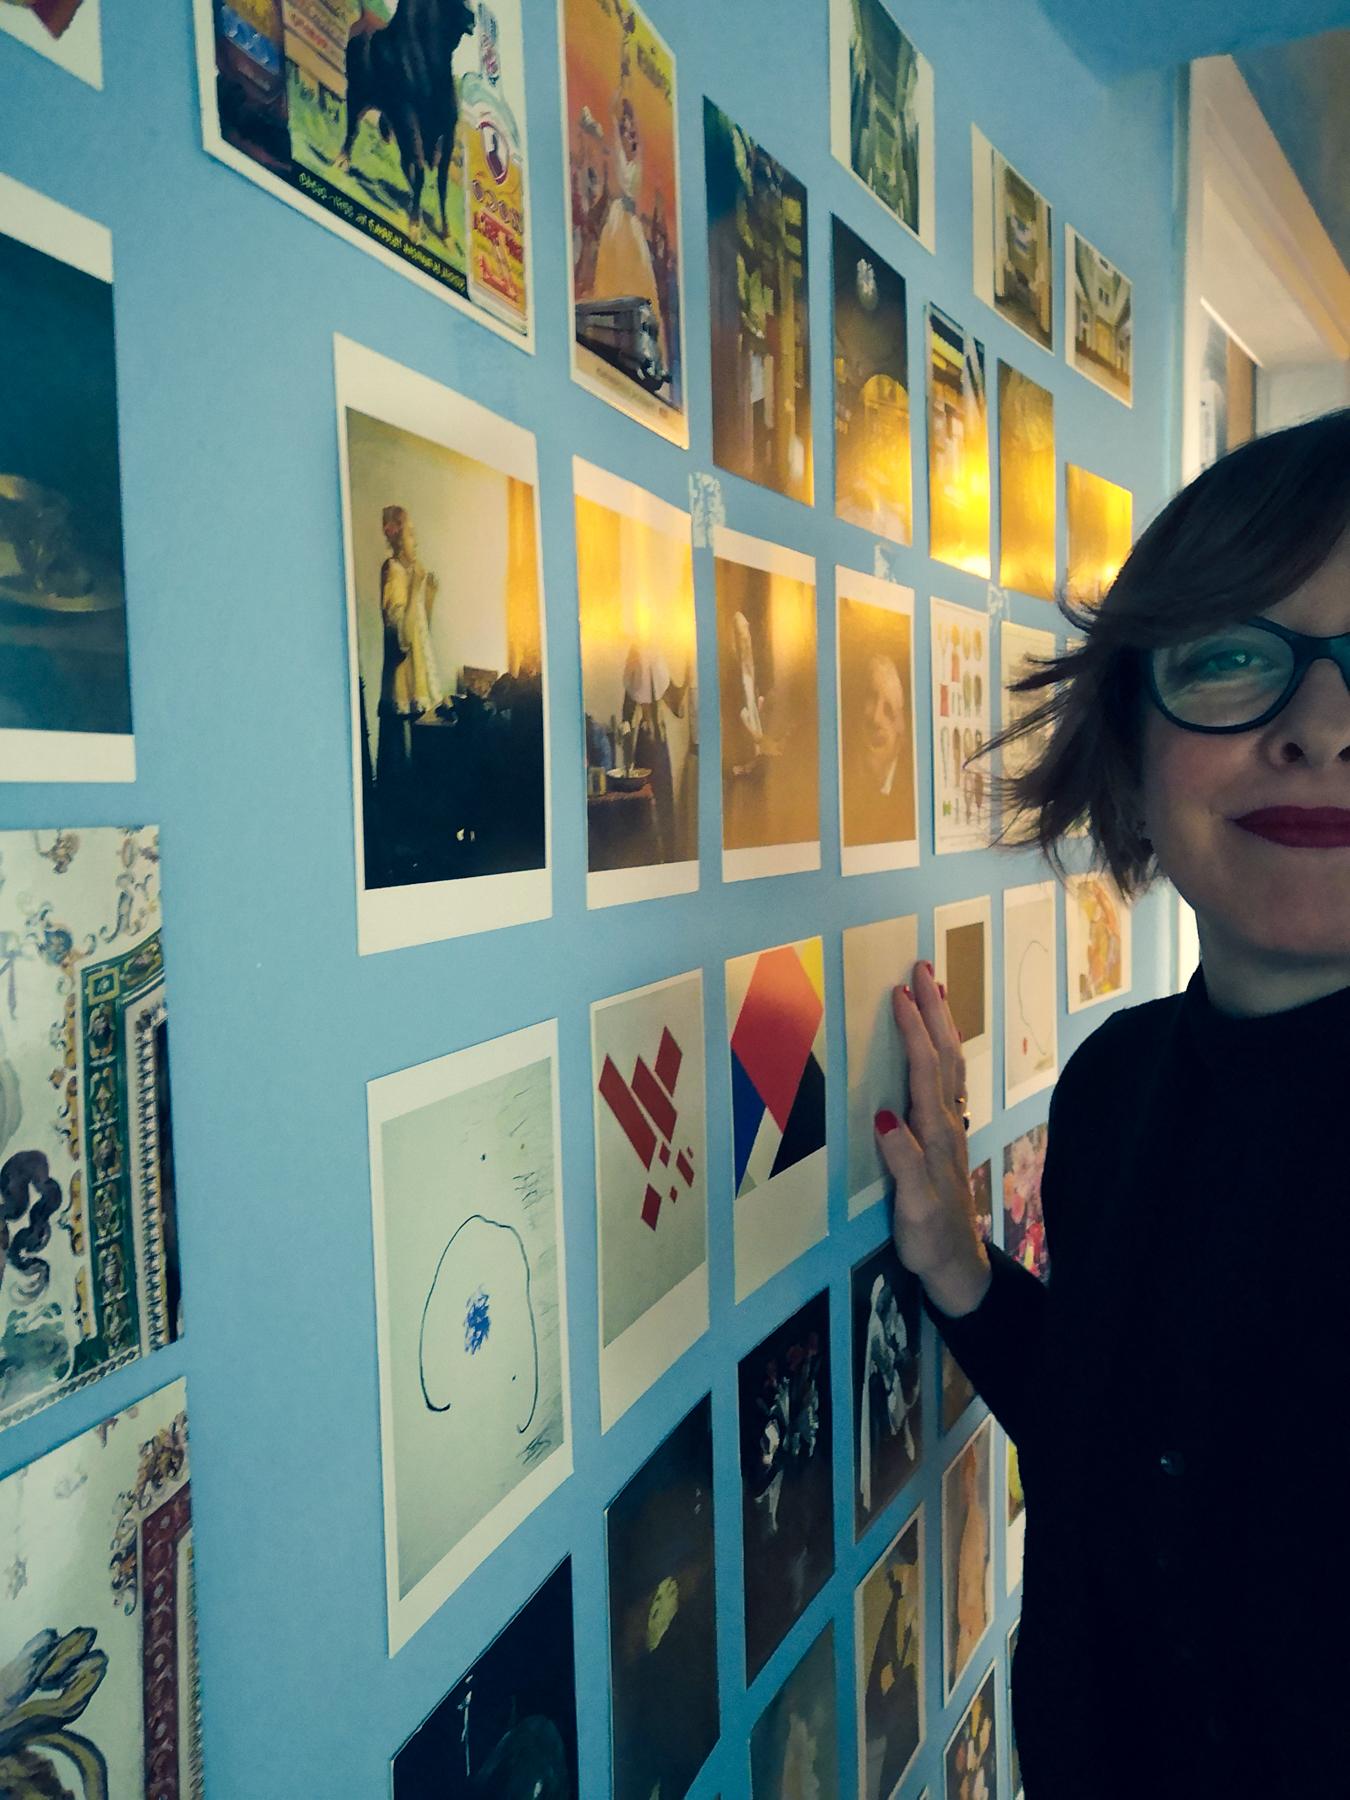 Come Tappezzare Un Muro come decorare una parete con delle cartoline | blossom zine blog